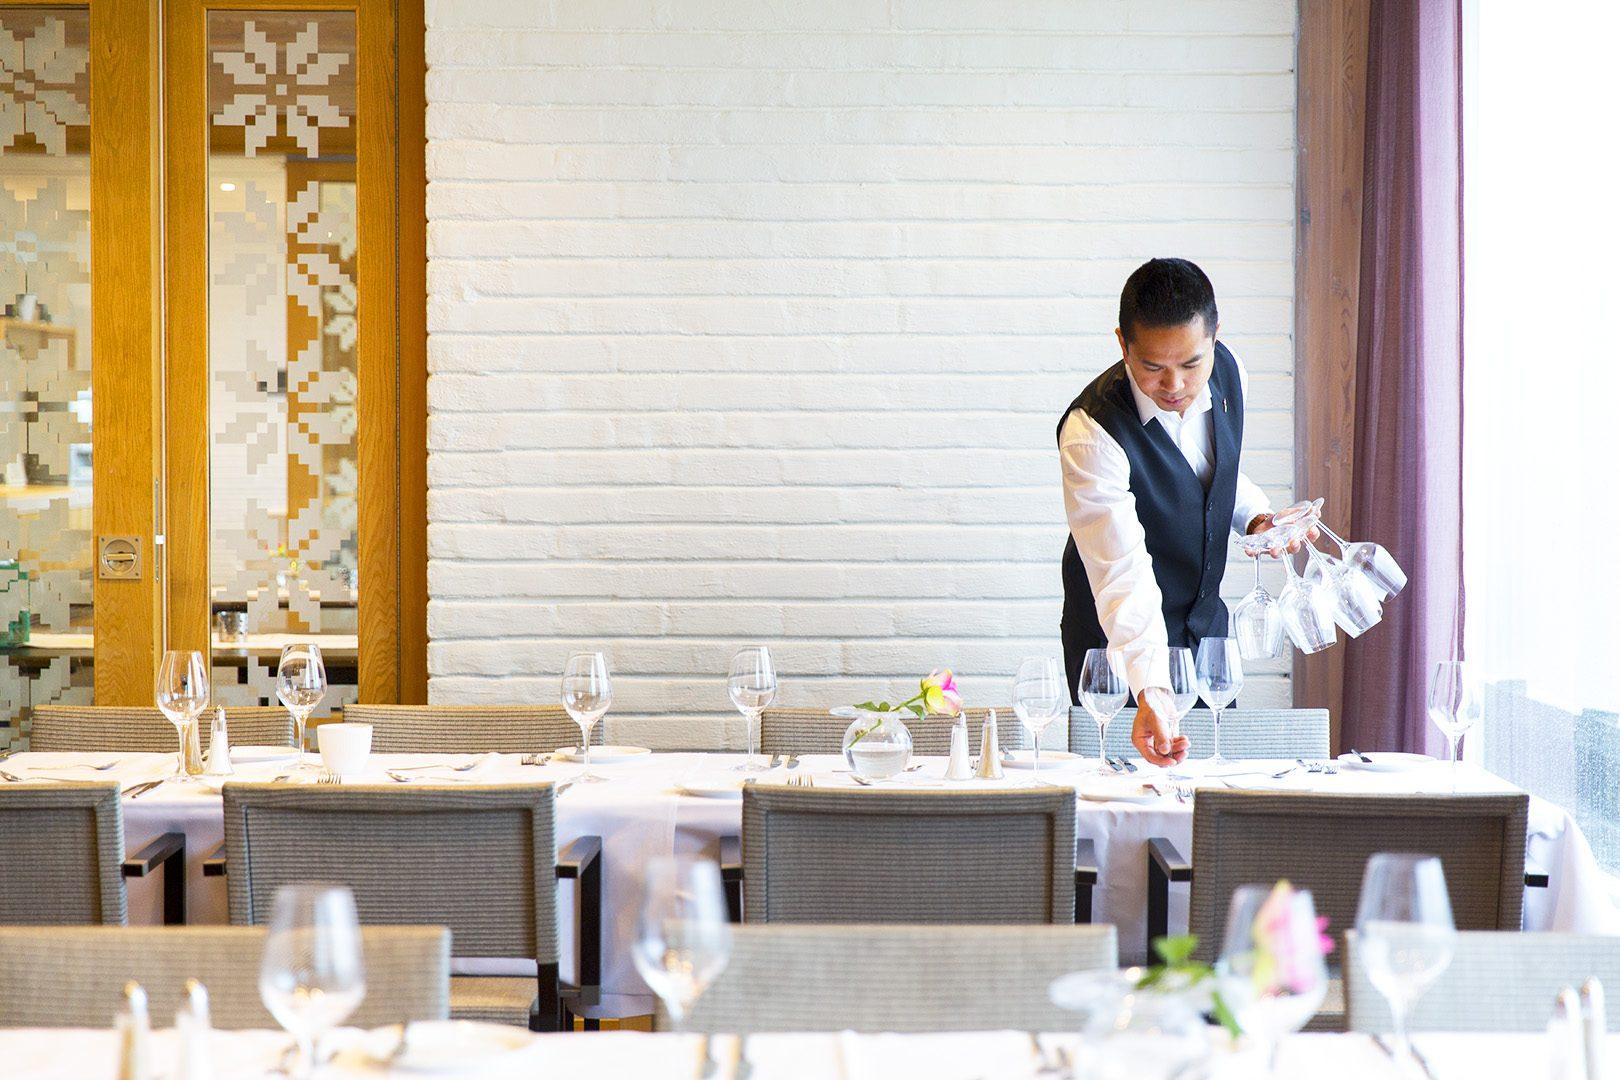 Servitør dekker bord